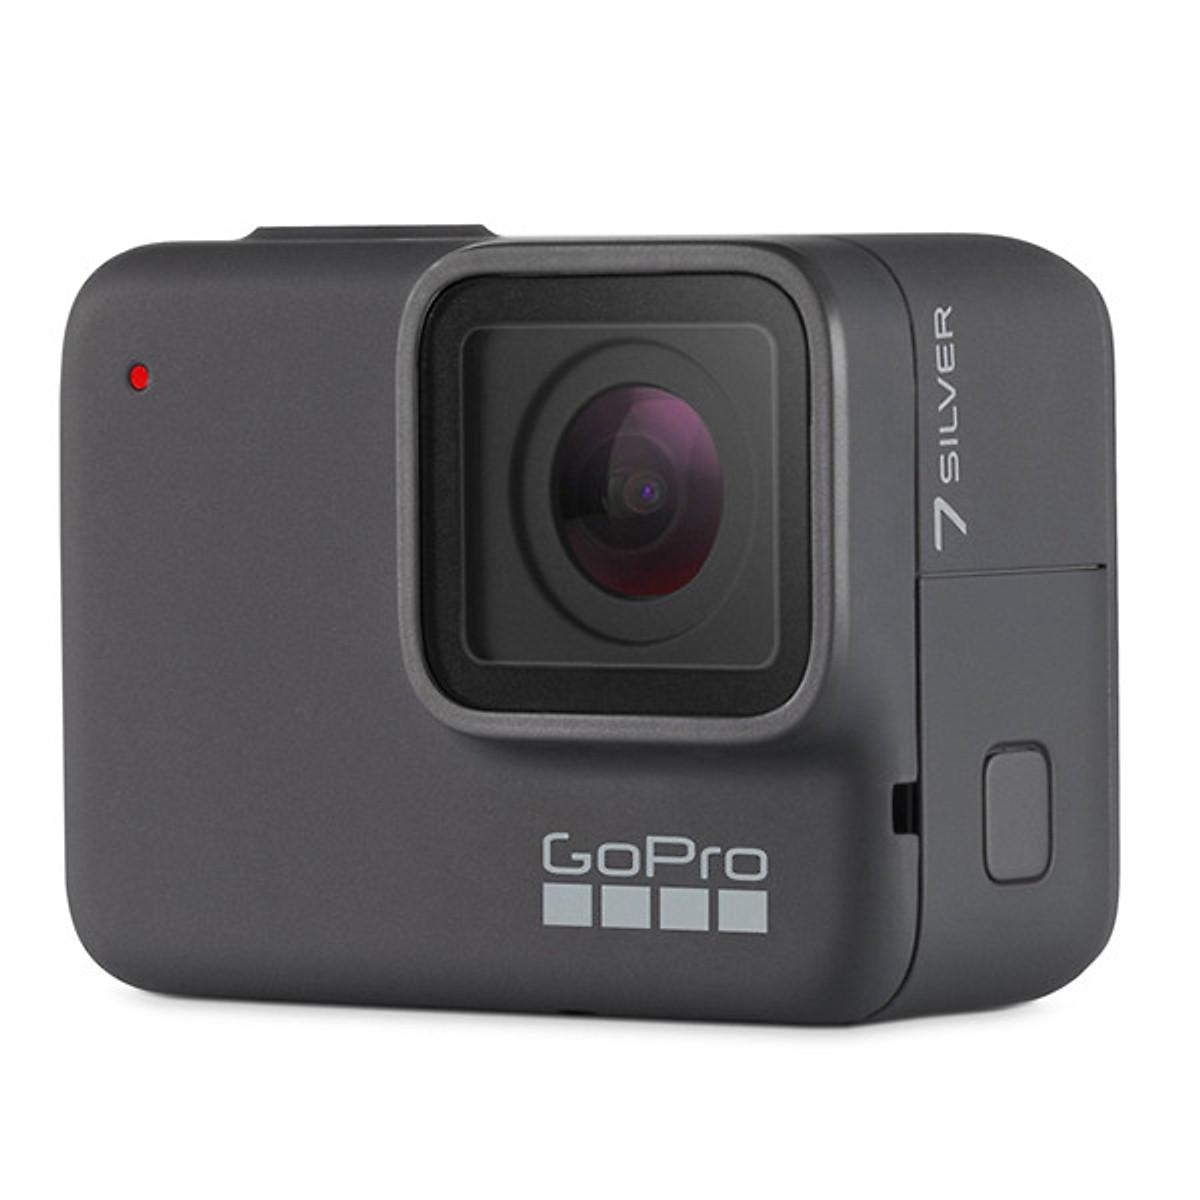 Máy quay GoPro HERO 7 Silver (Hàng chính hãng)